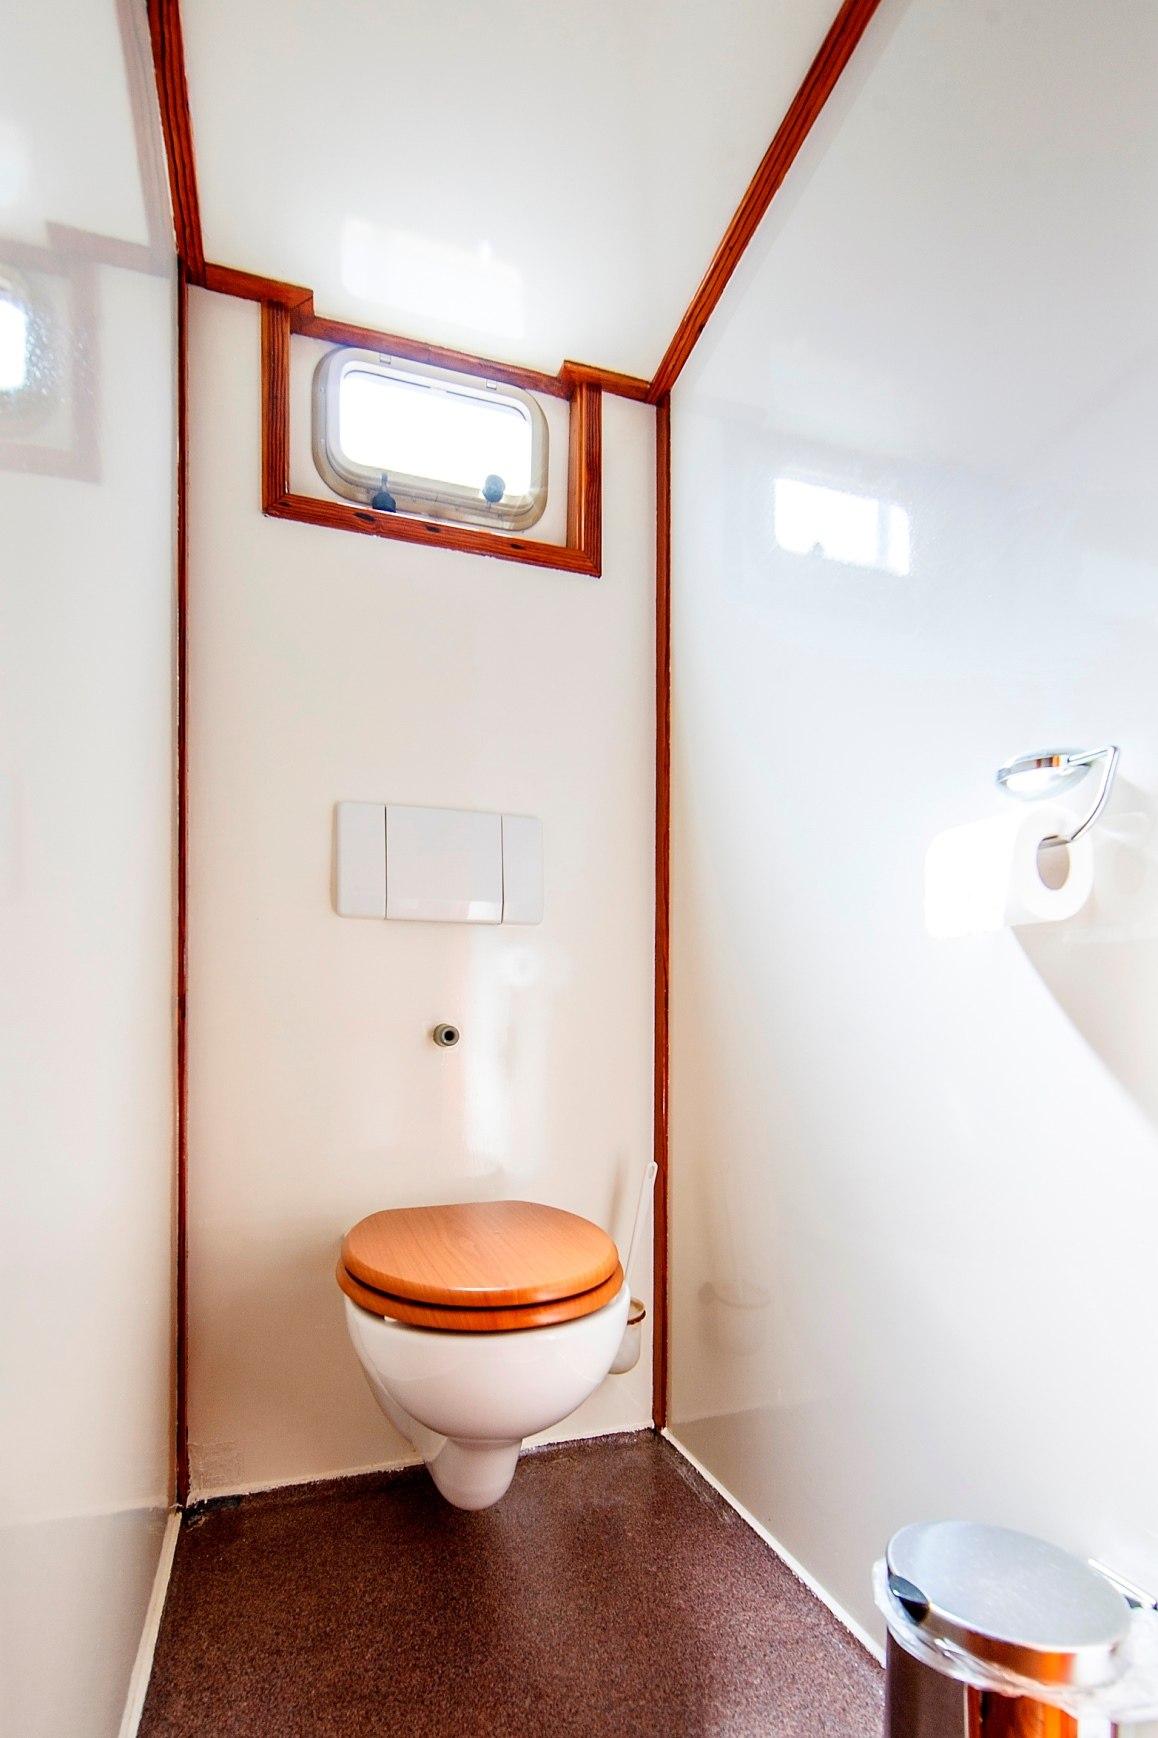 Pelikaan_toilet